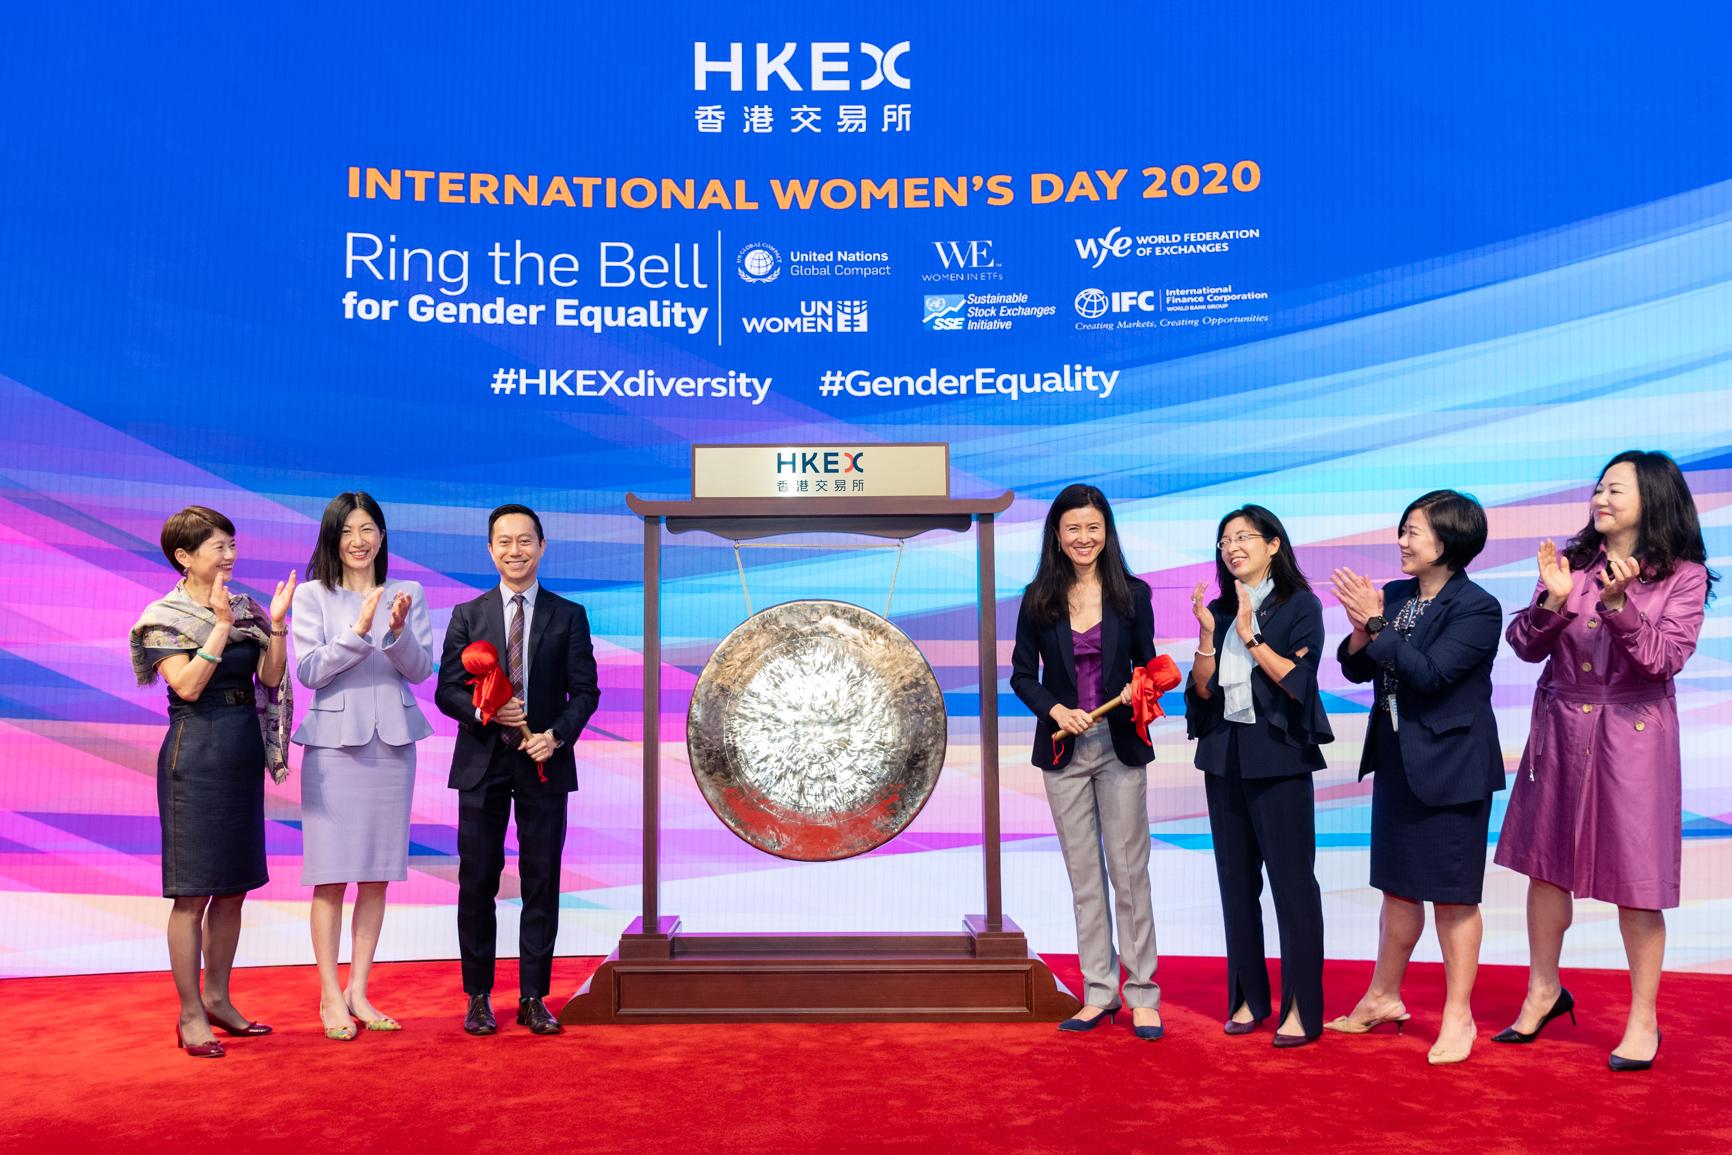 国际妇女节 2020